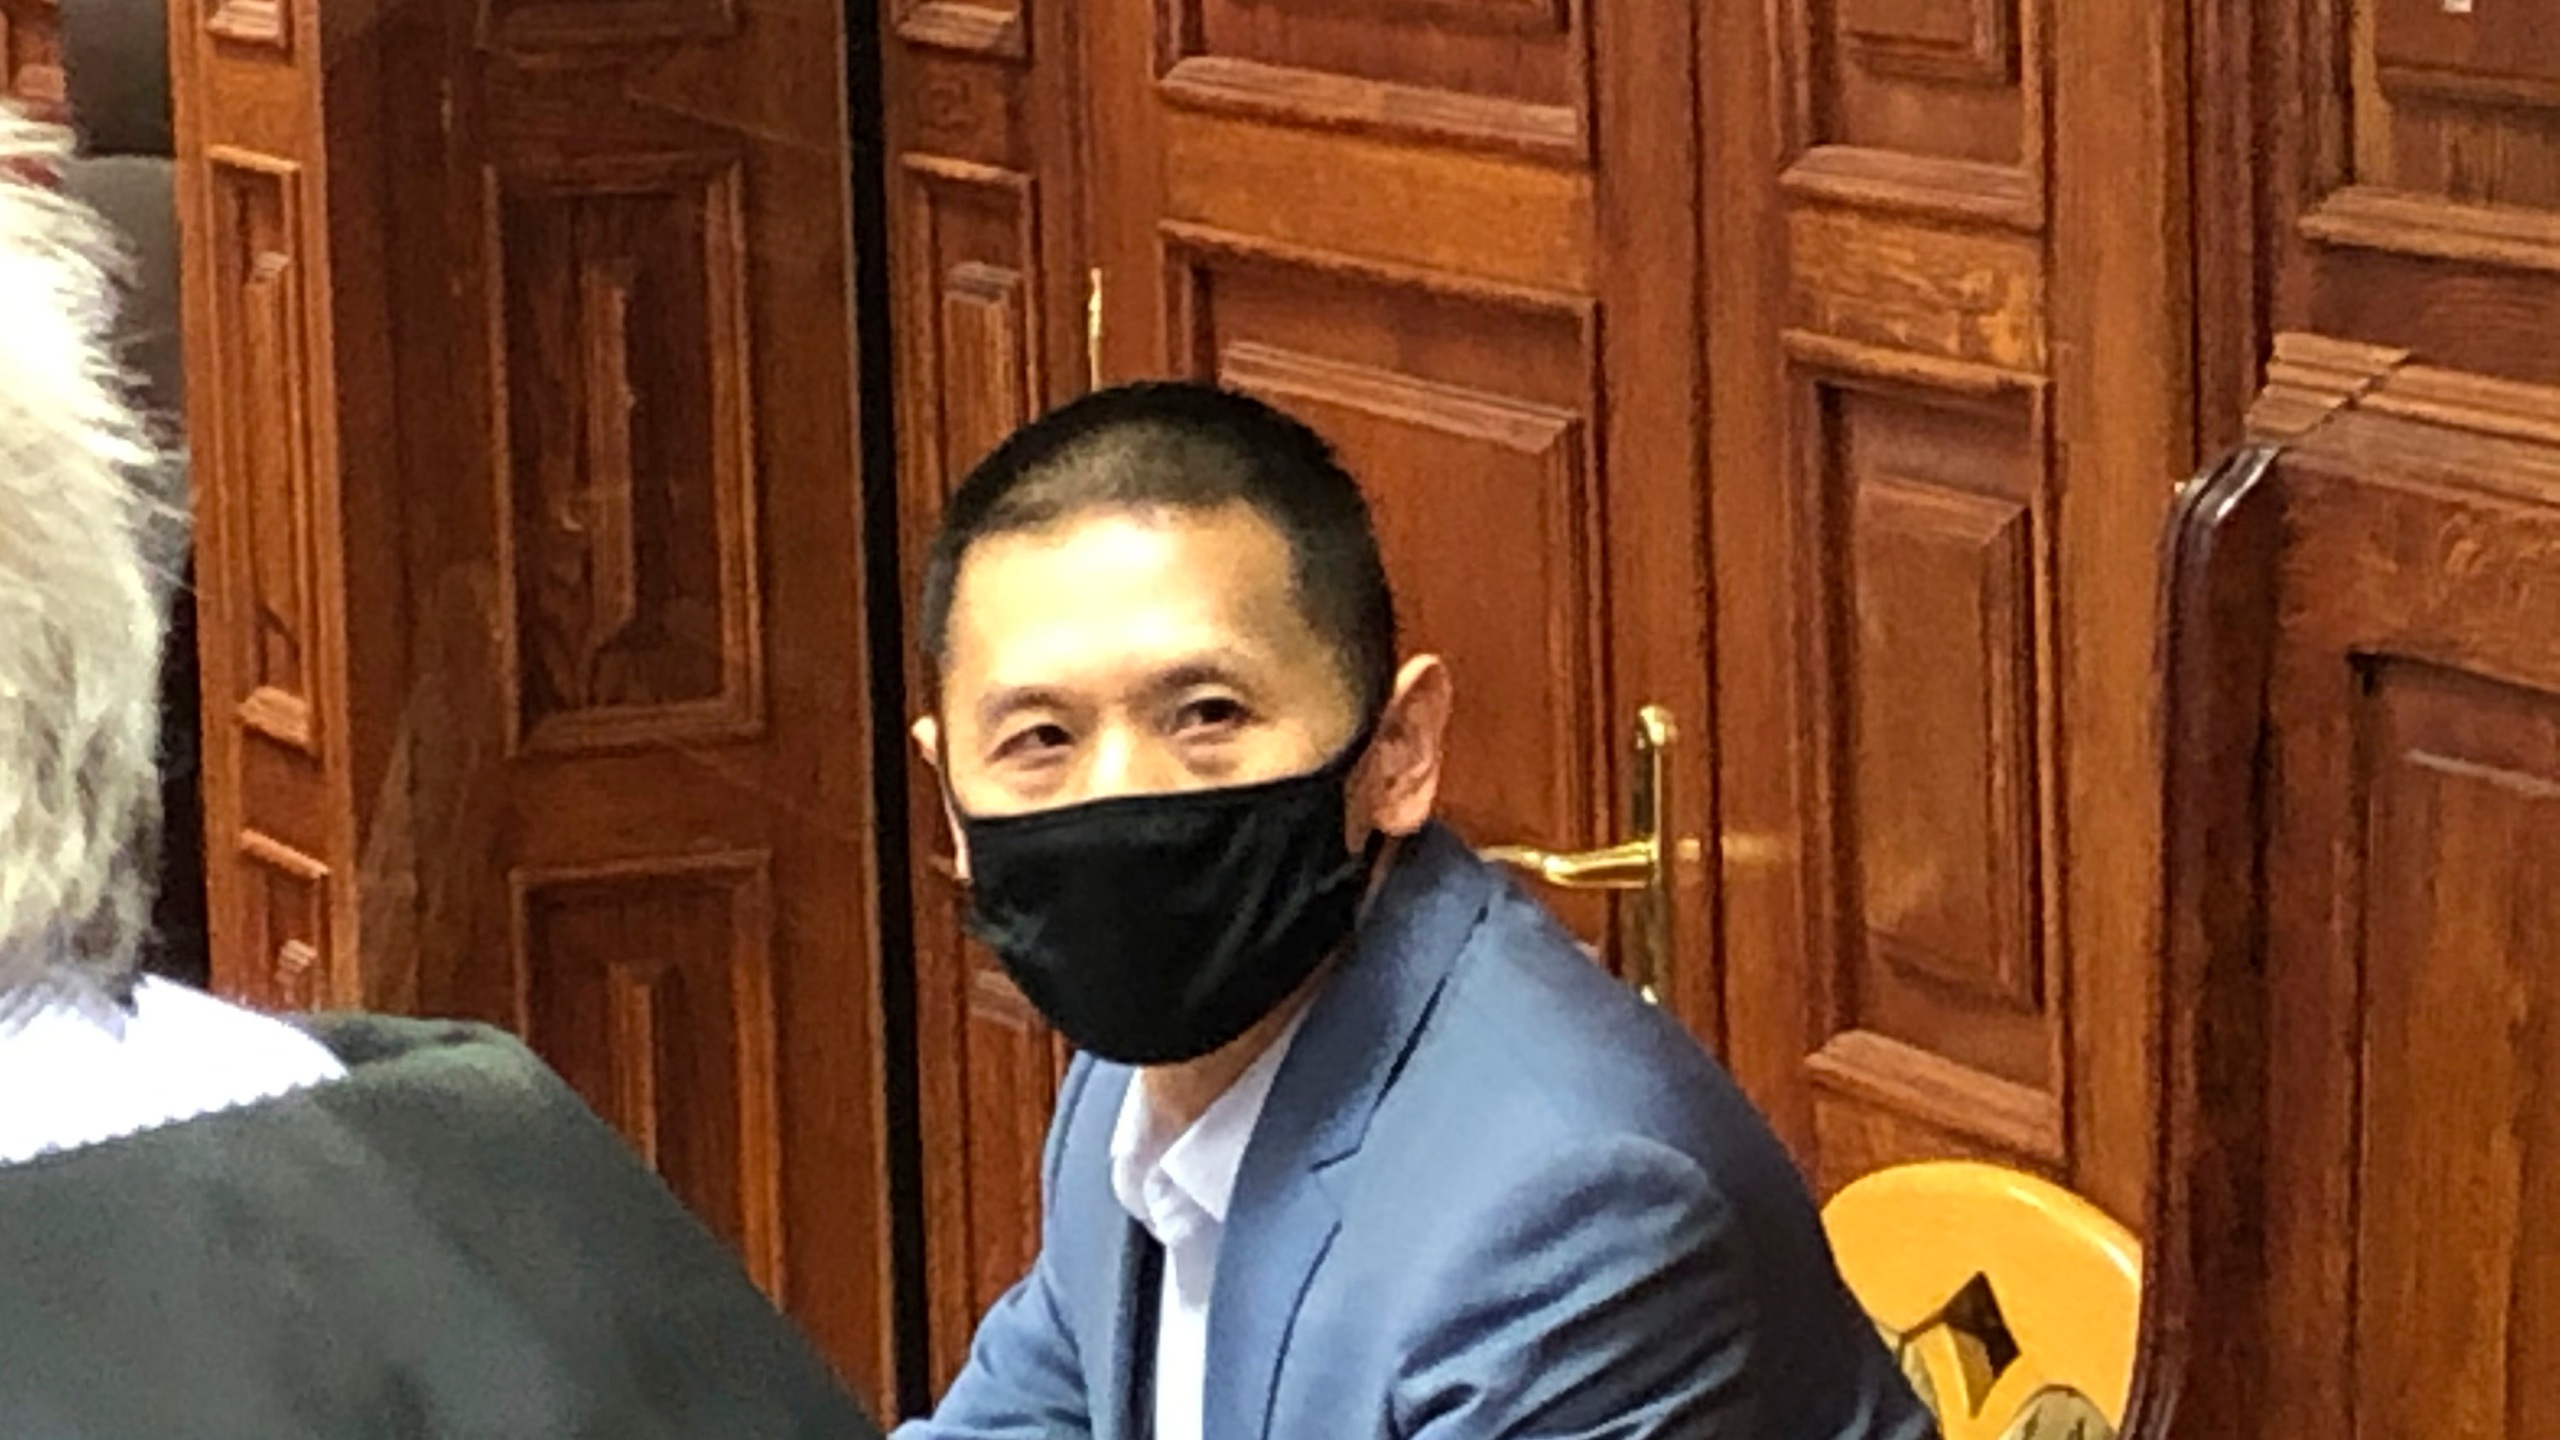 Weijing Wang